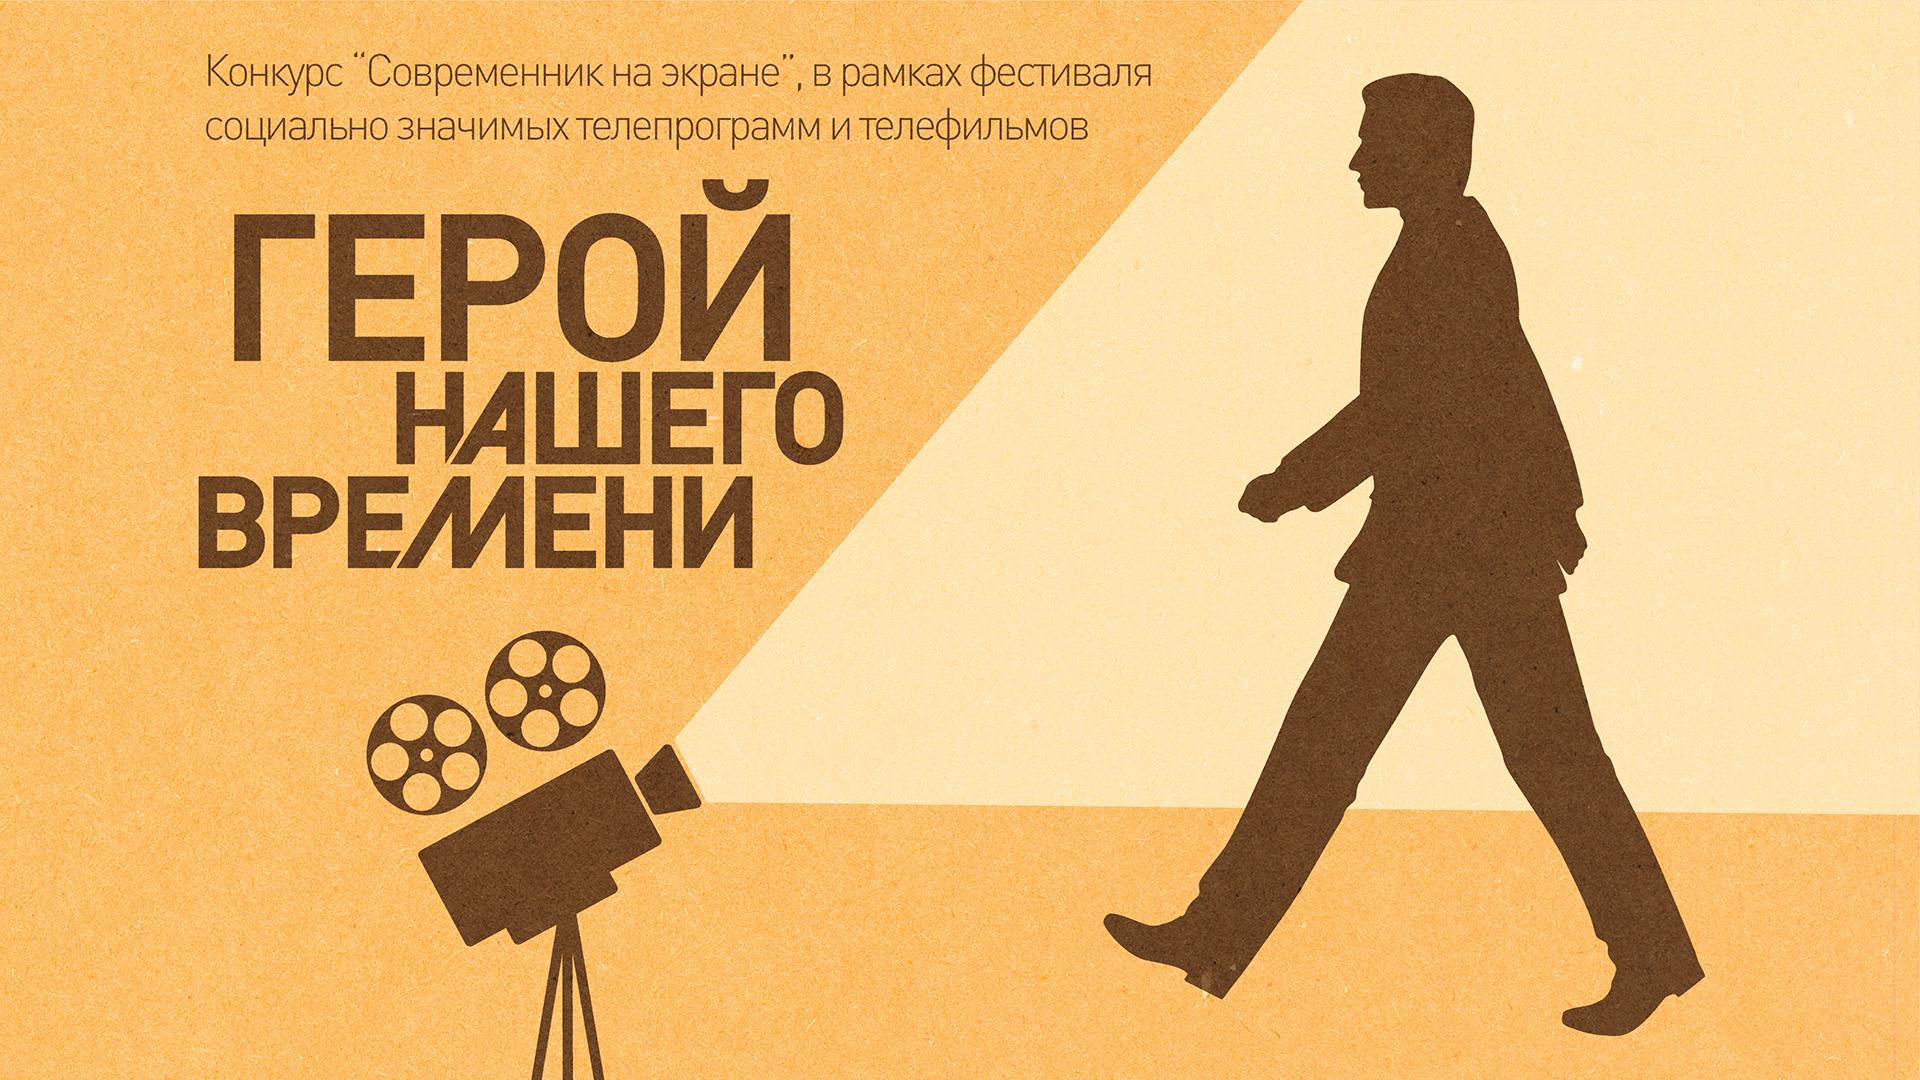 В Калуге объявлены победители творческого конкурса «Современник на экране»!